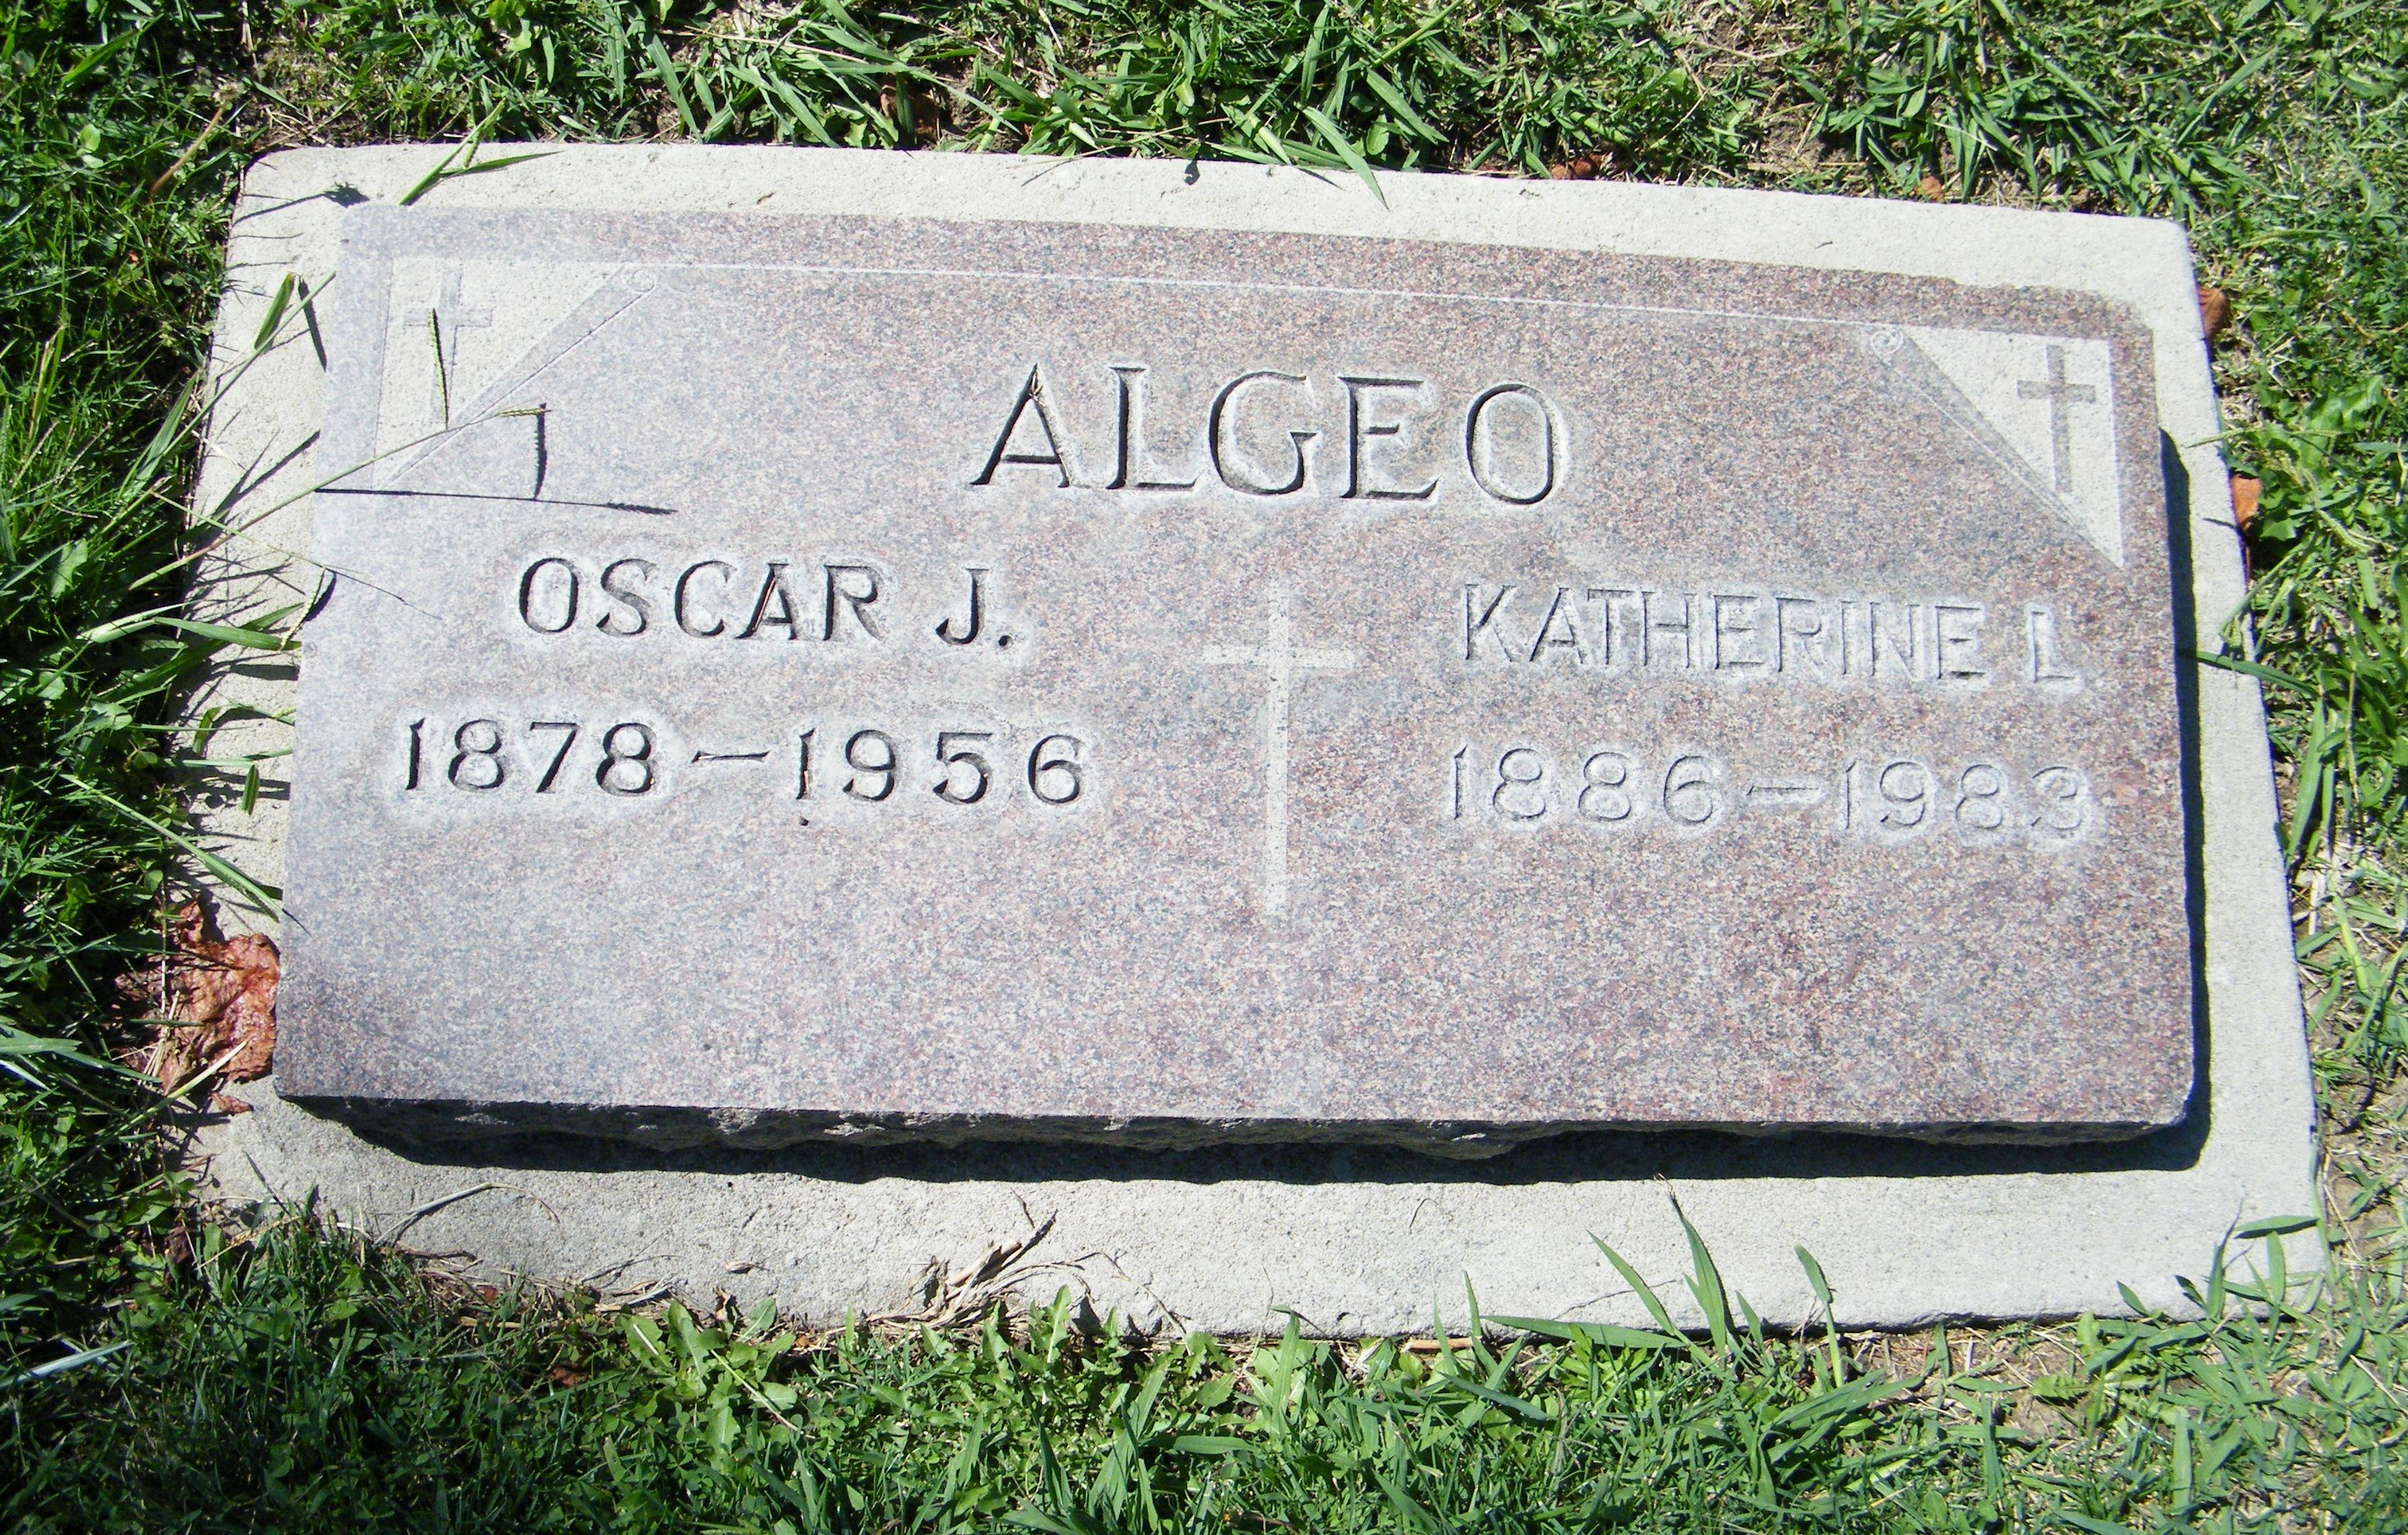 Oscar Joseph Algeo